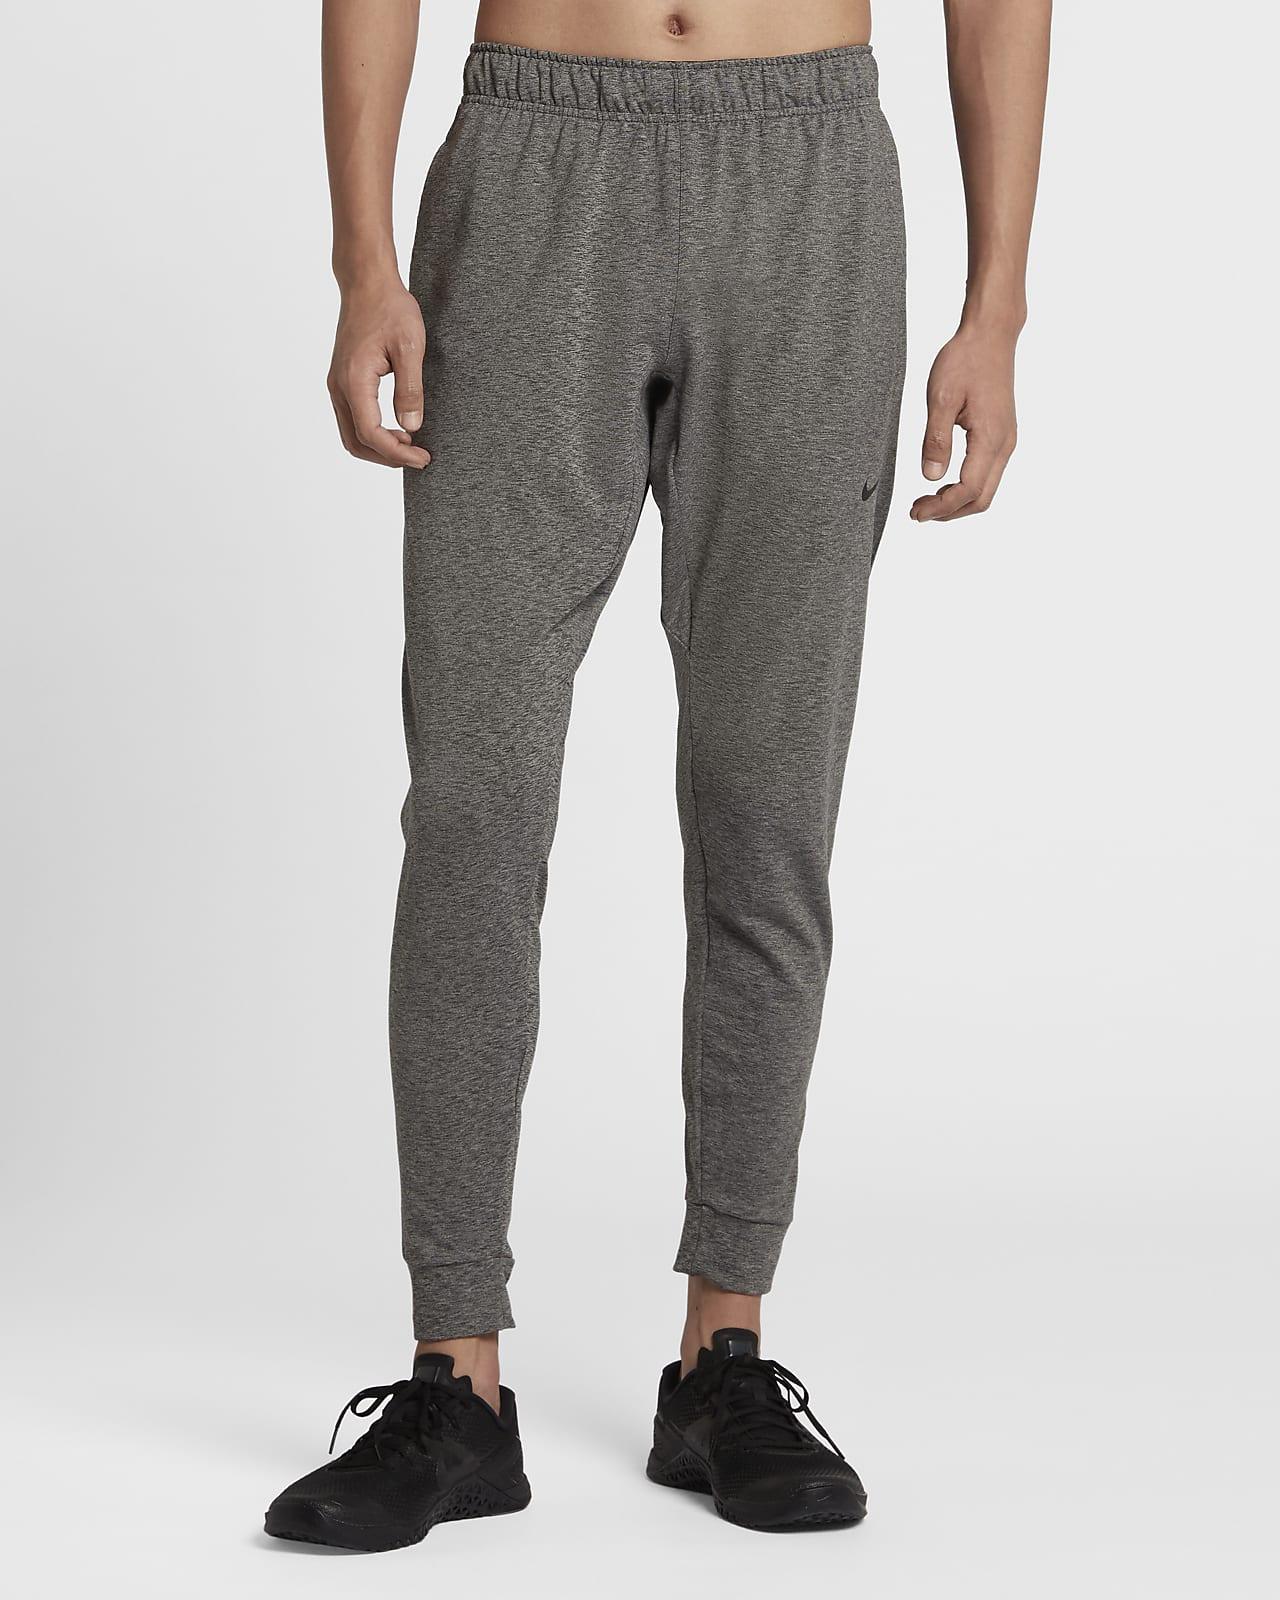 Nike Dri-FIT Men's Yoga Training Trousers